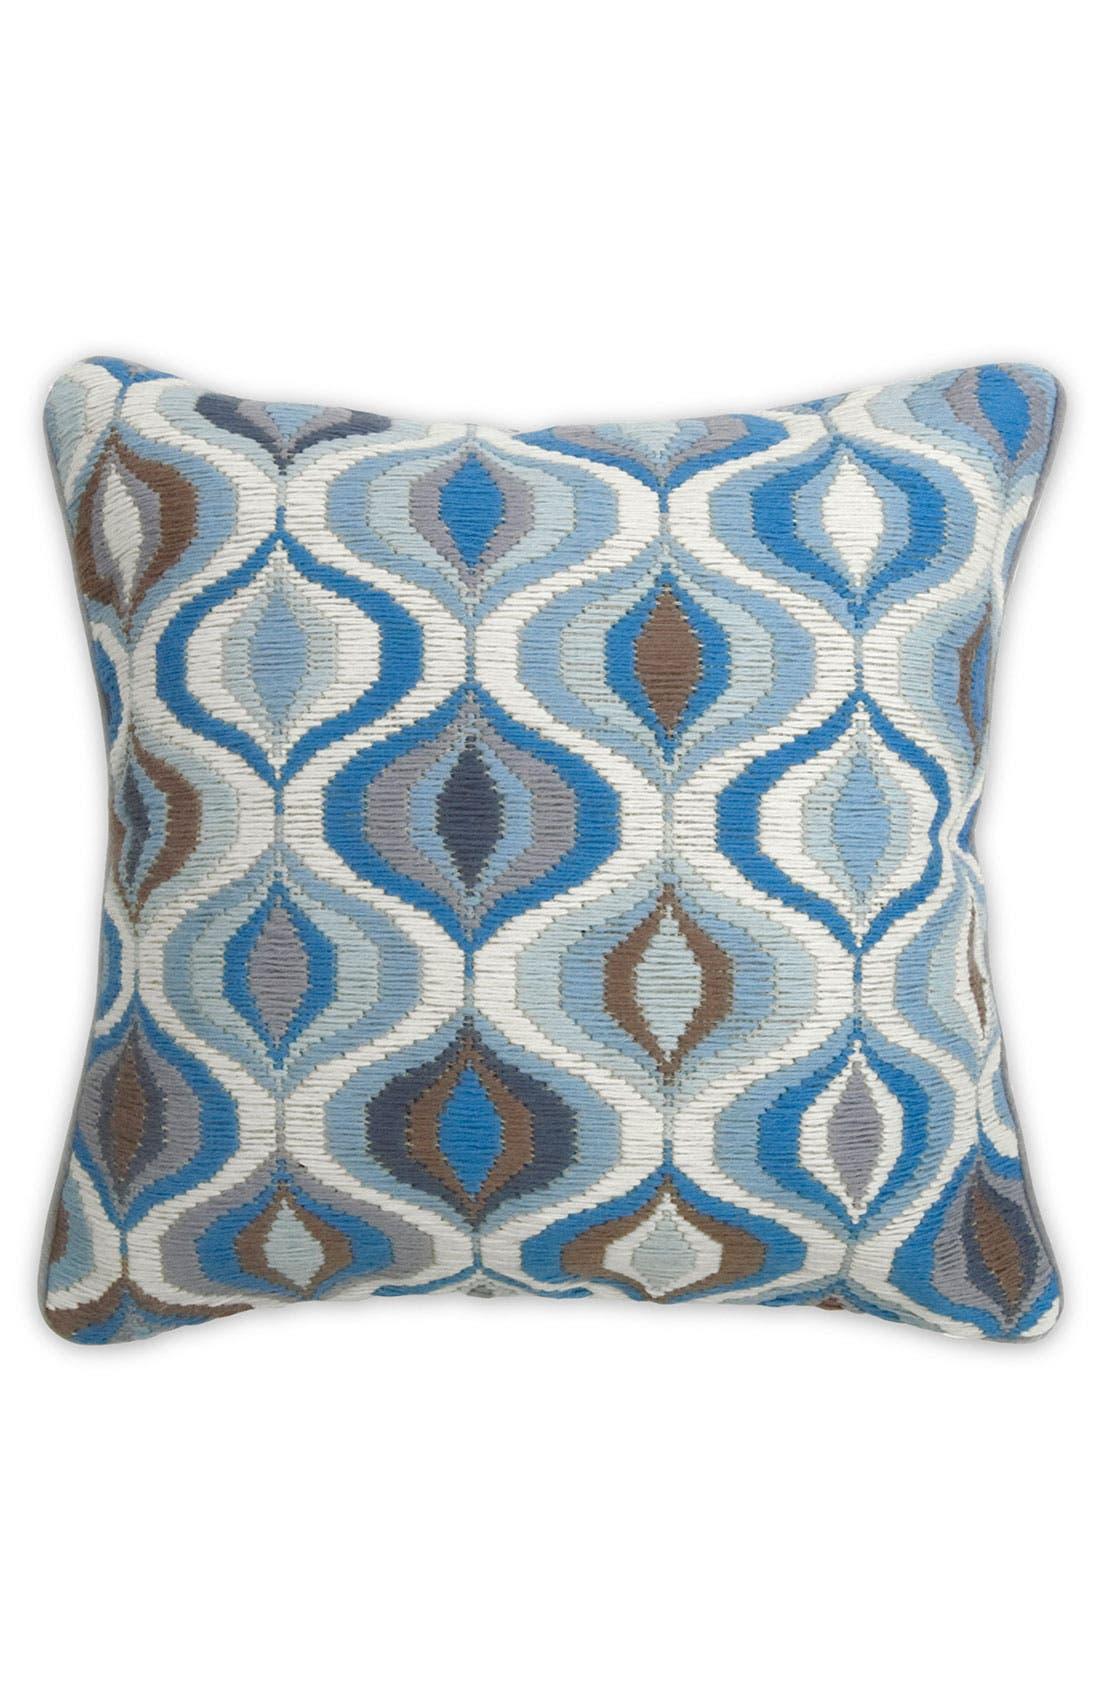 Alternate Image 1 Selected - Jonathan Adler 'Bargello Waves' Pillow